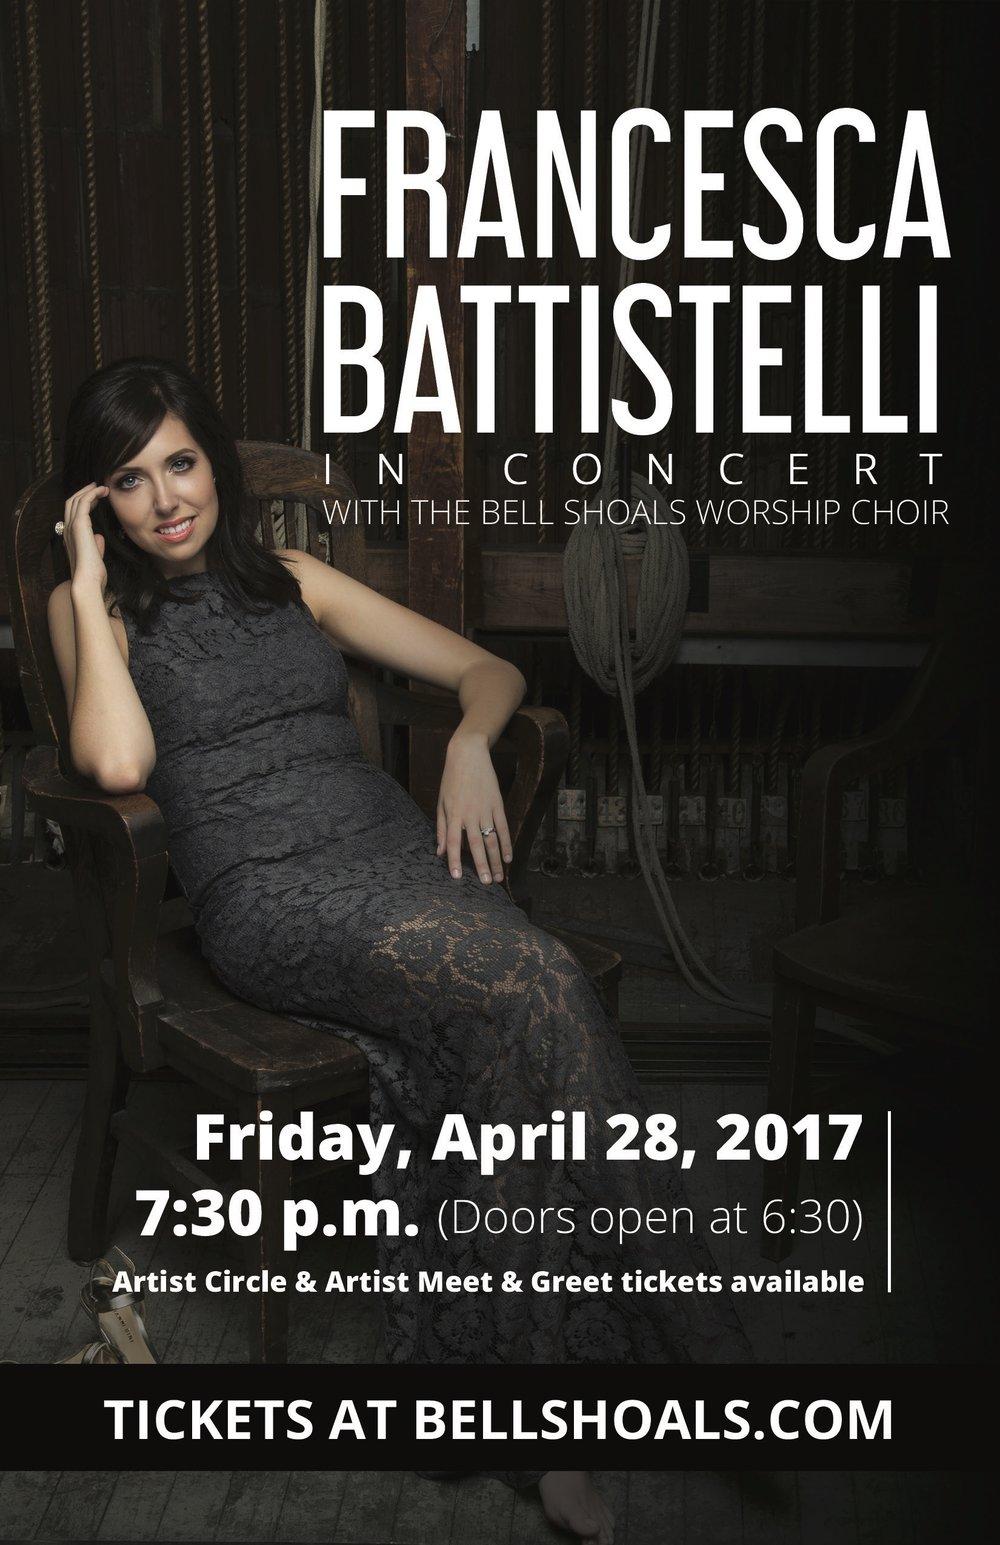 BSBC_Francesca Concert_11x17_Poster2017.jpeg